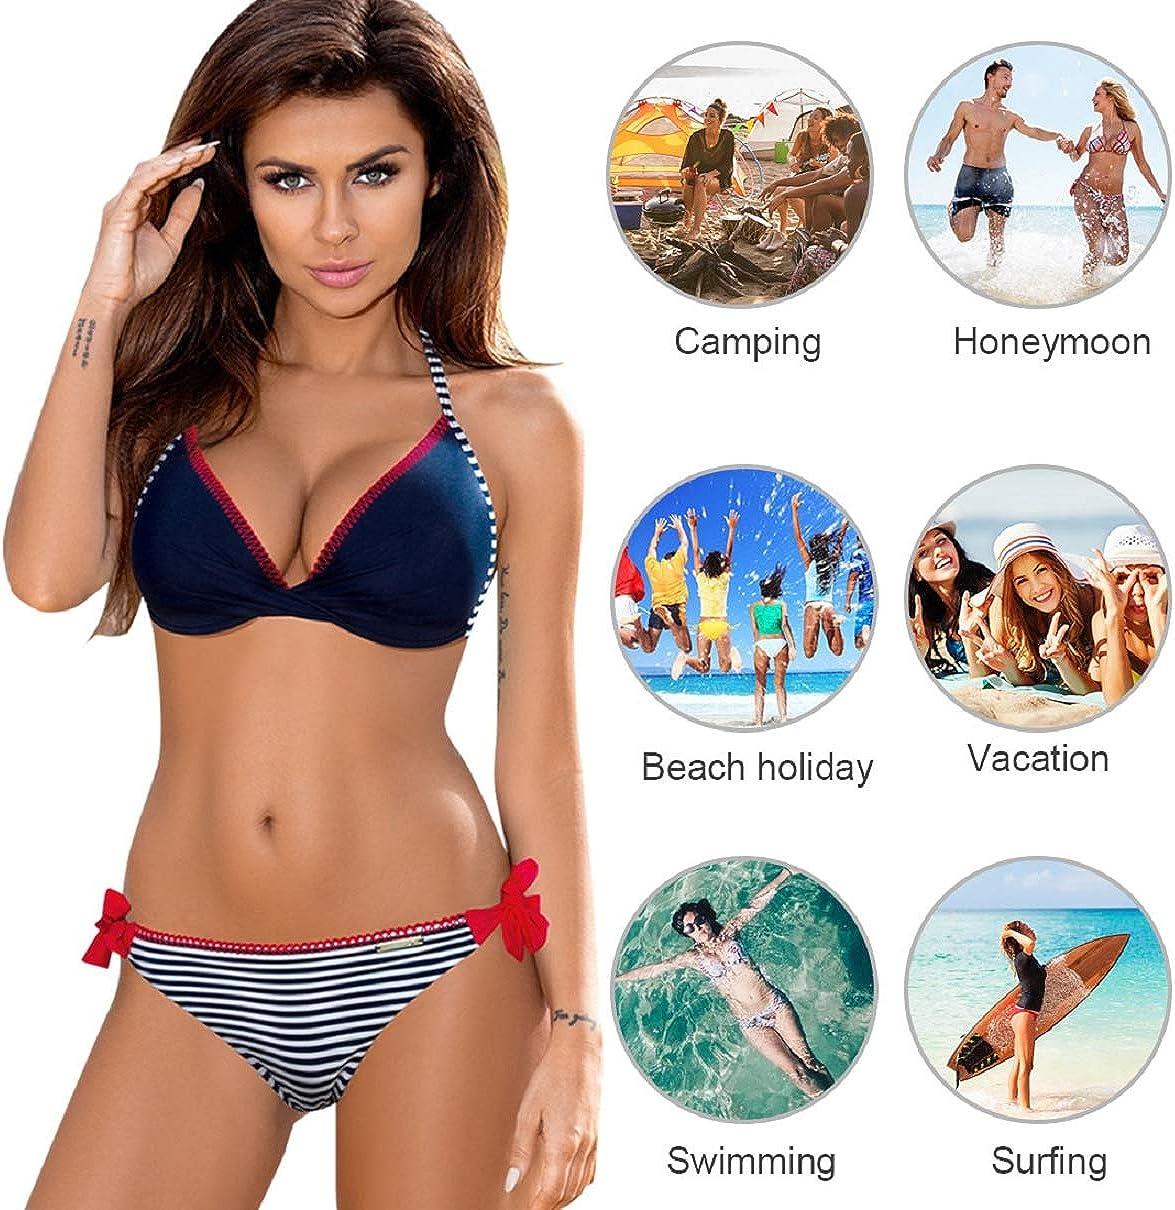 Tuopuda Costumi da Bagno Donna Due Pezzi Bikini Set Push Up Costume da Bagno Bandeau Top Reggiseno Imbottito Tankini Halter Abito Spiaggia Beachwear Monokini